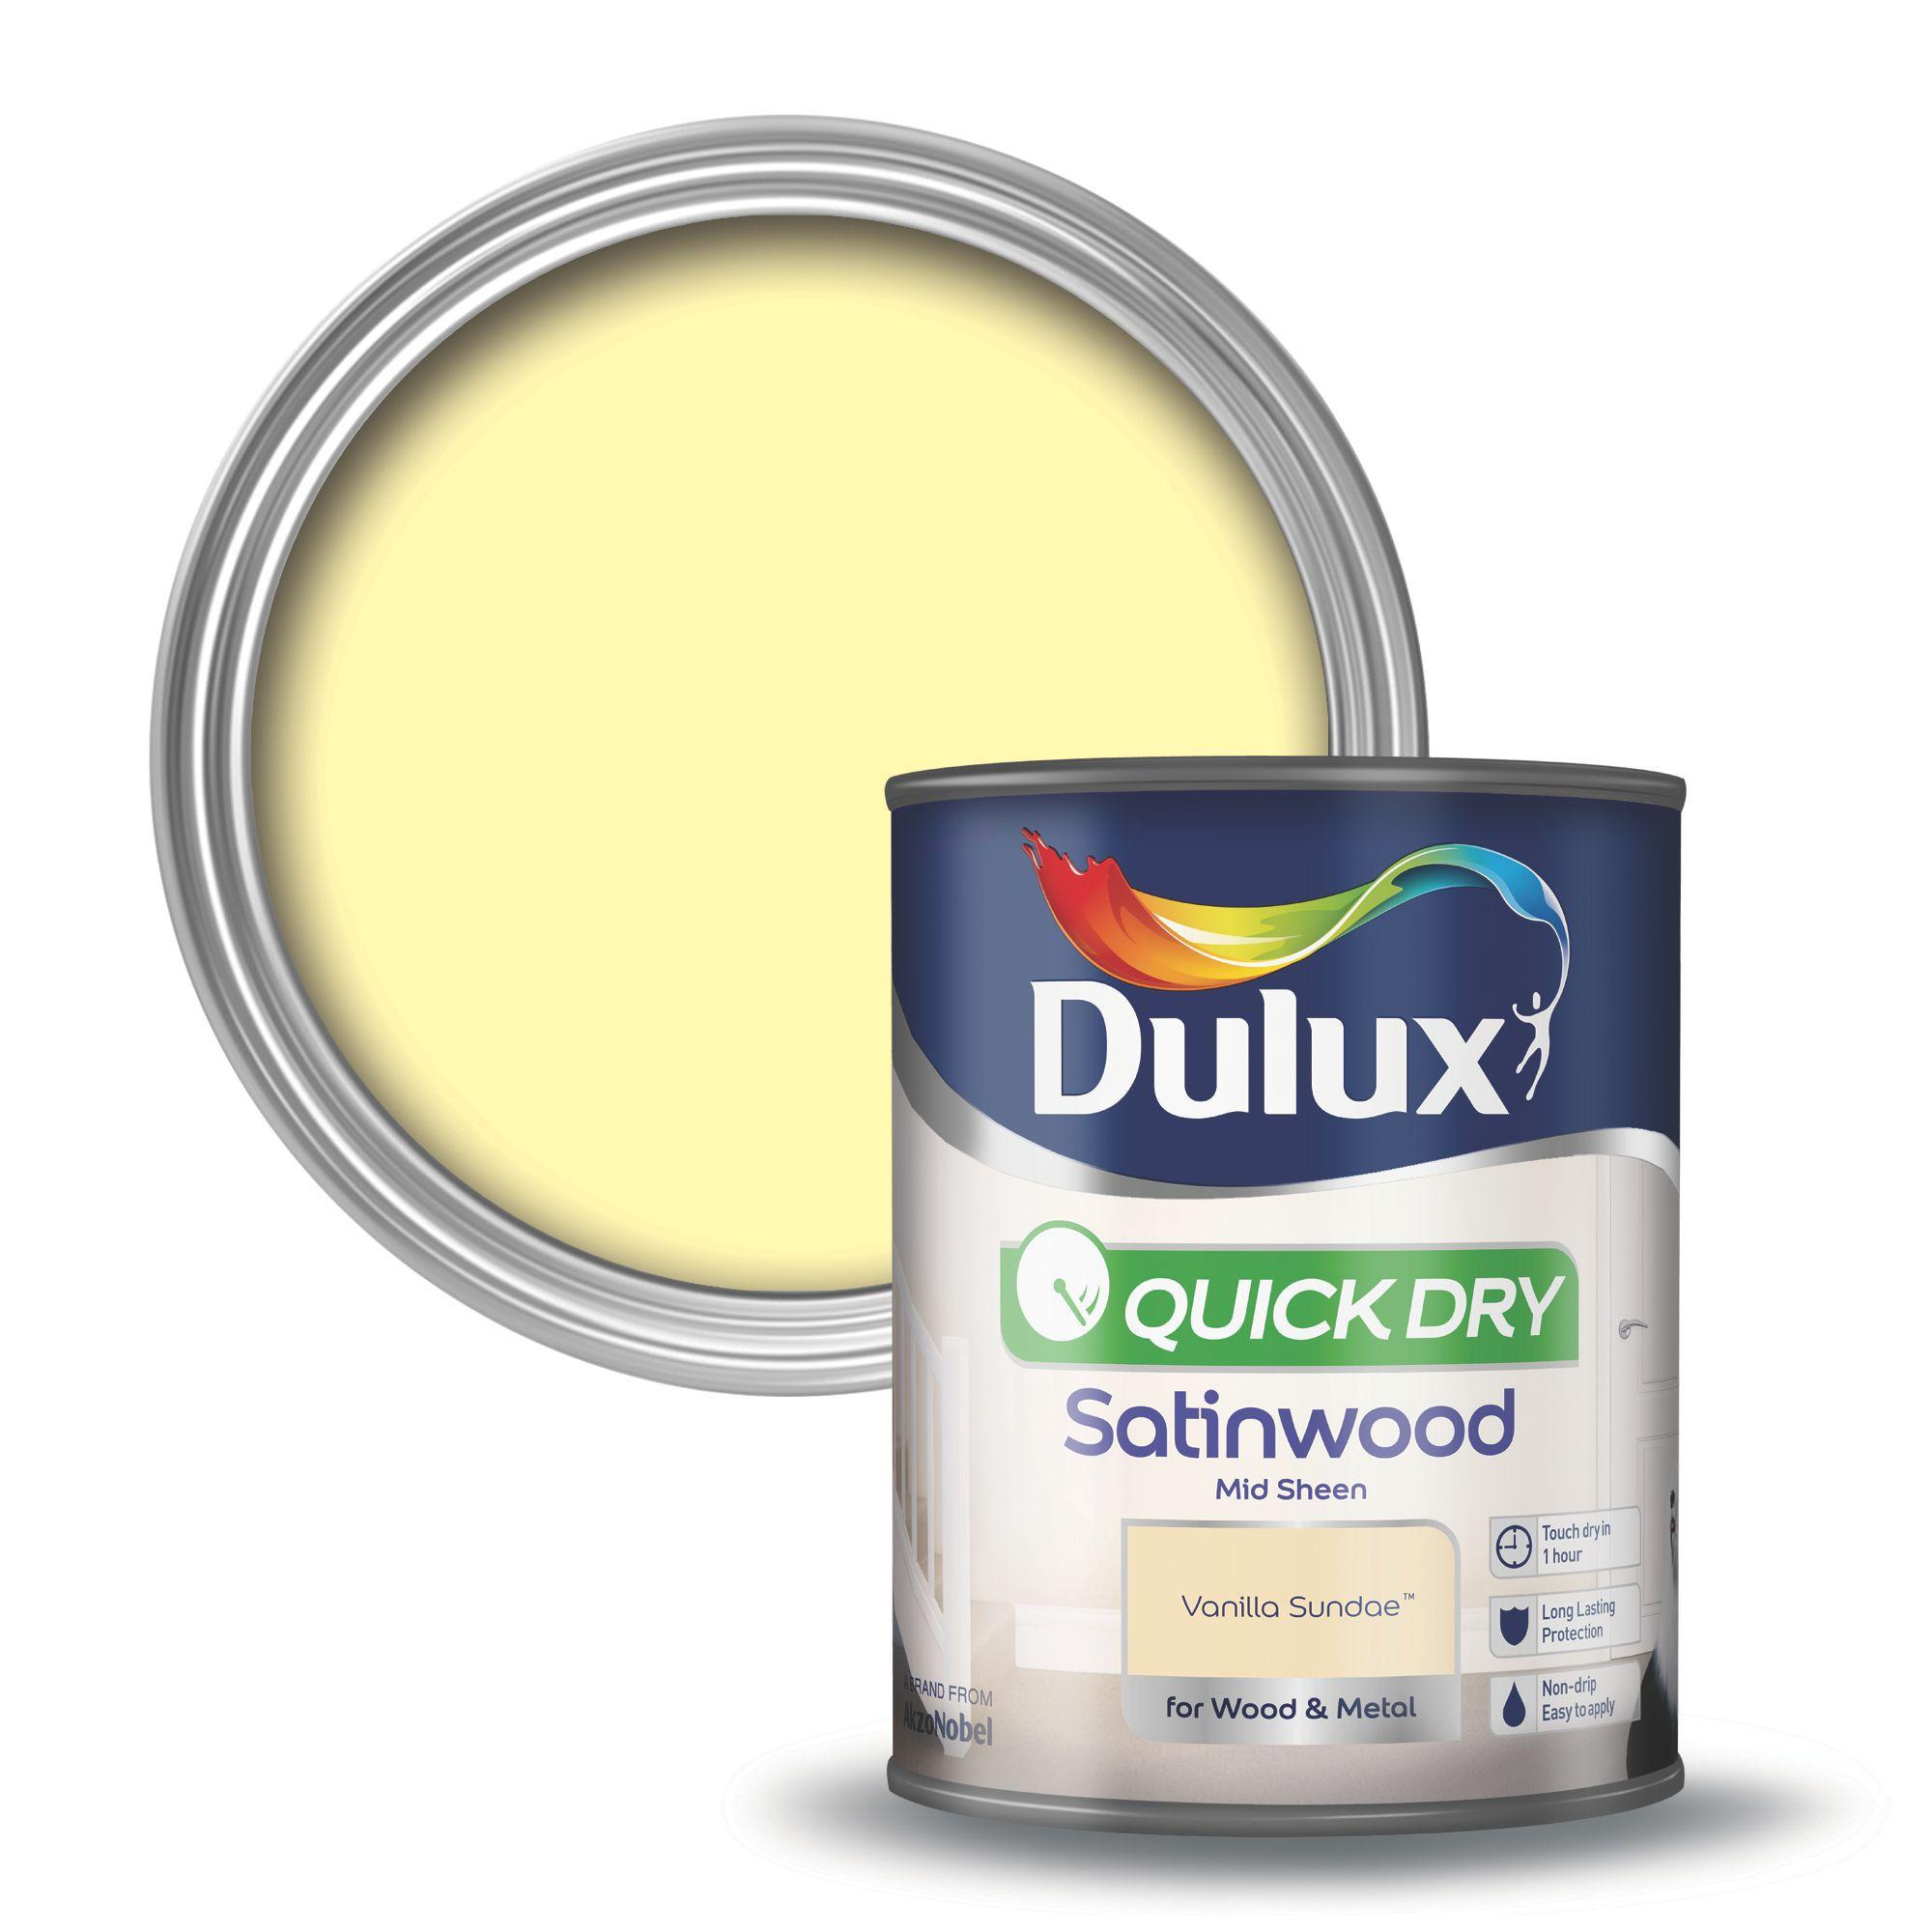 Dulux Interior Vanilla Sundae Satinwood Wood & Metal Paint 750ml